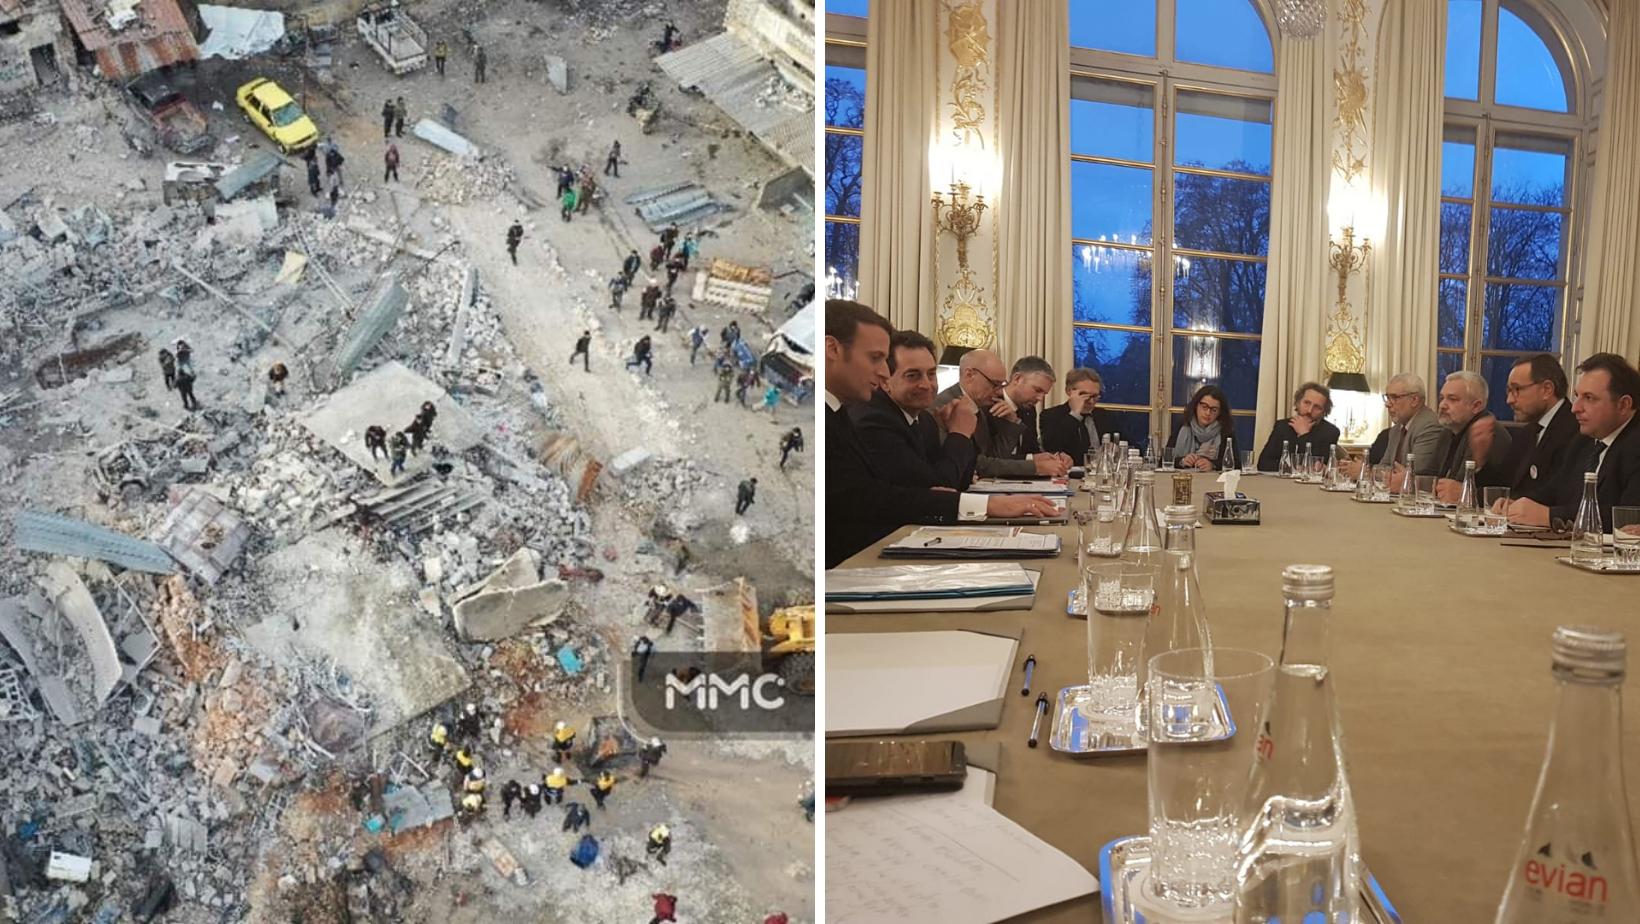 Bombardements marché d'Al-Hal et rencontre avec Emmanuel Macron - Janvier 2020